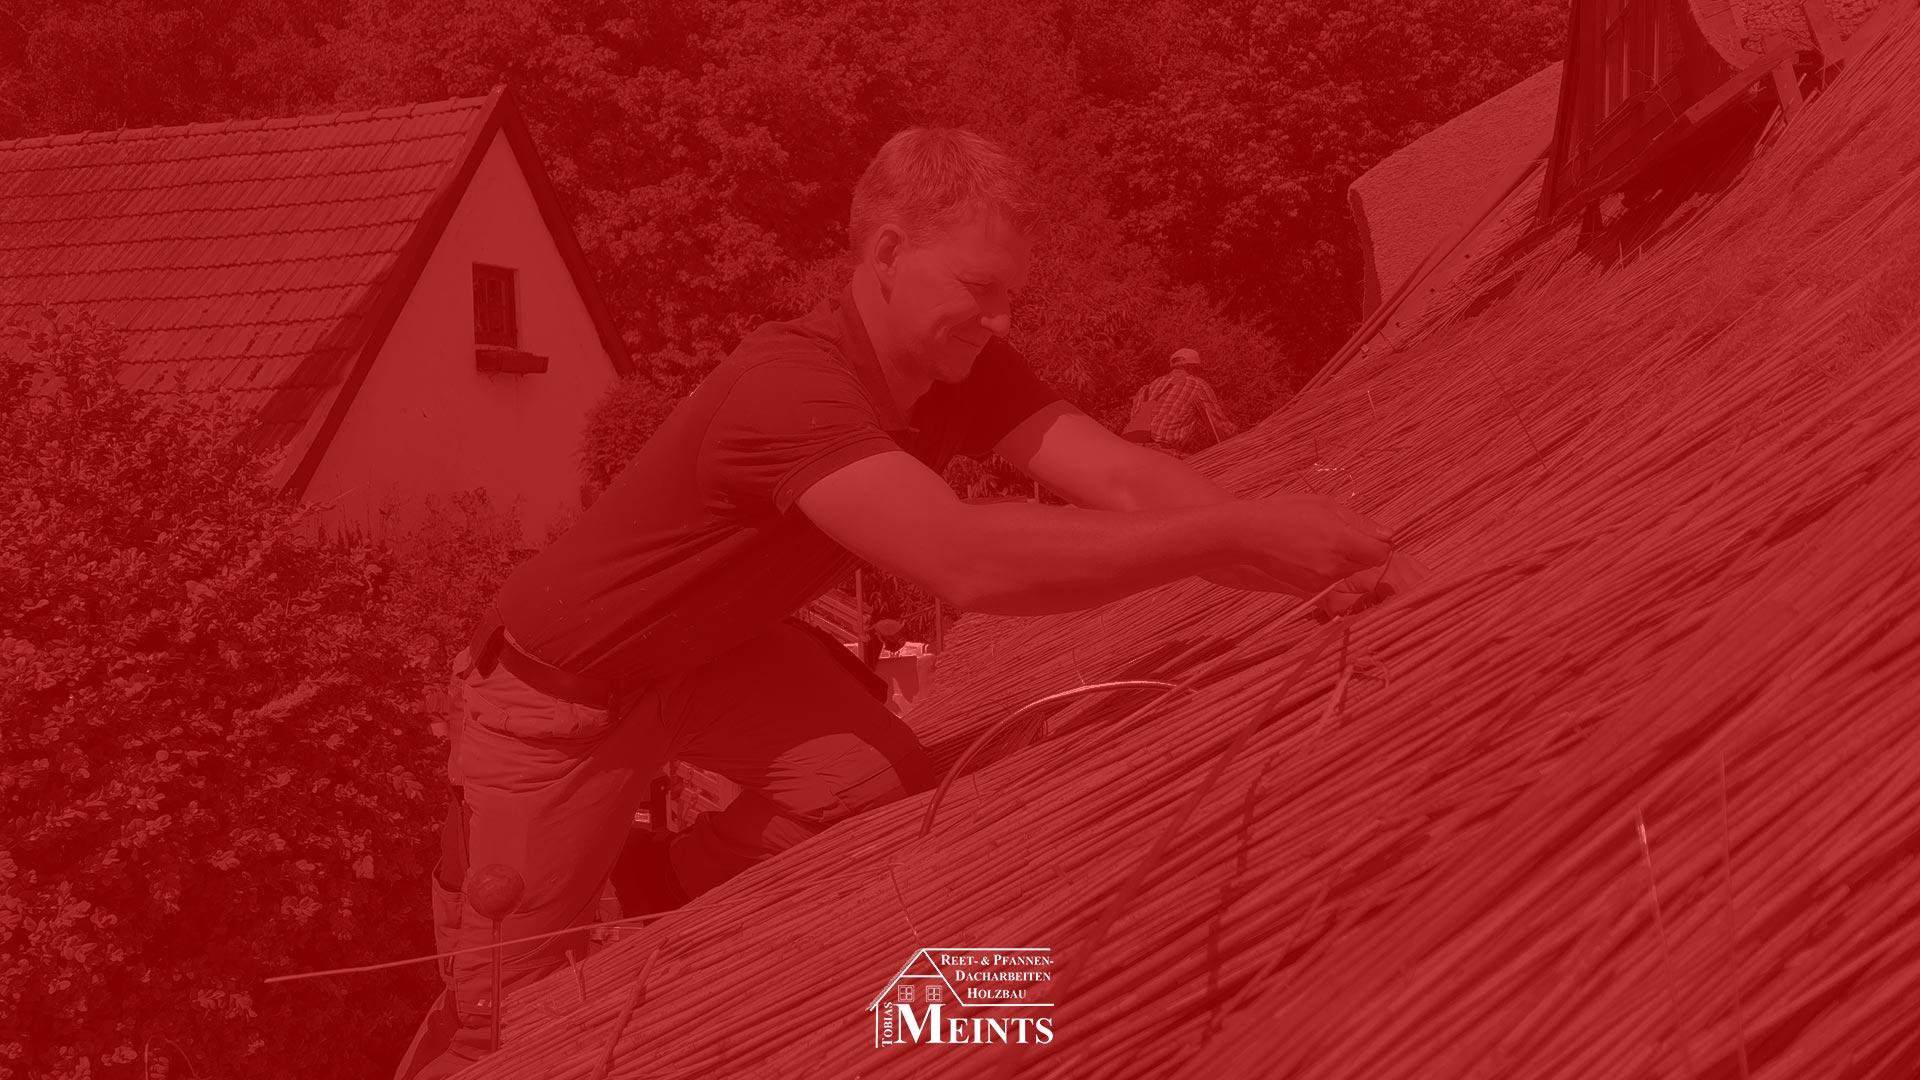 Naturreet Reetbedachung Ammerland Dachdecker Bad Zwischenahn 10 rot